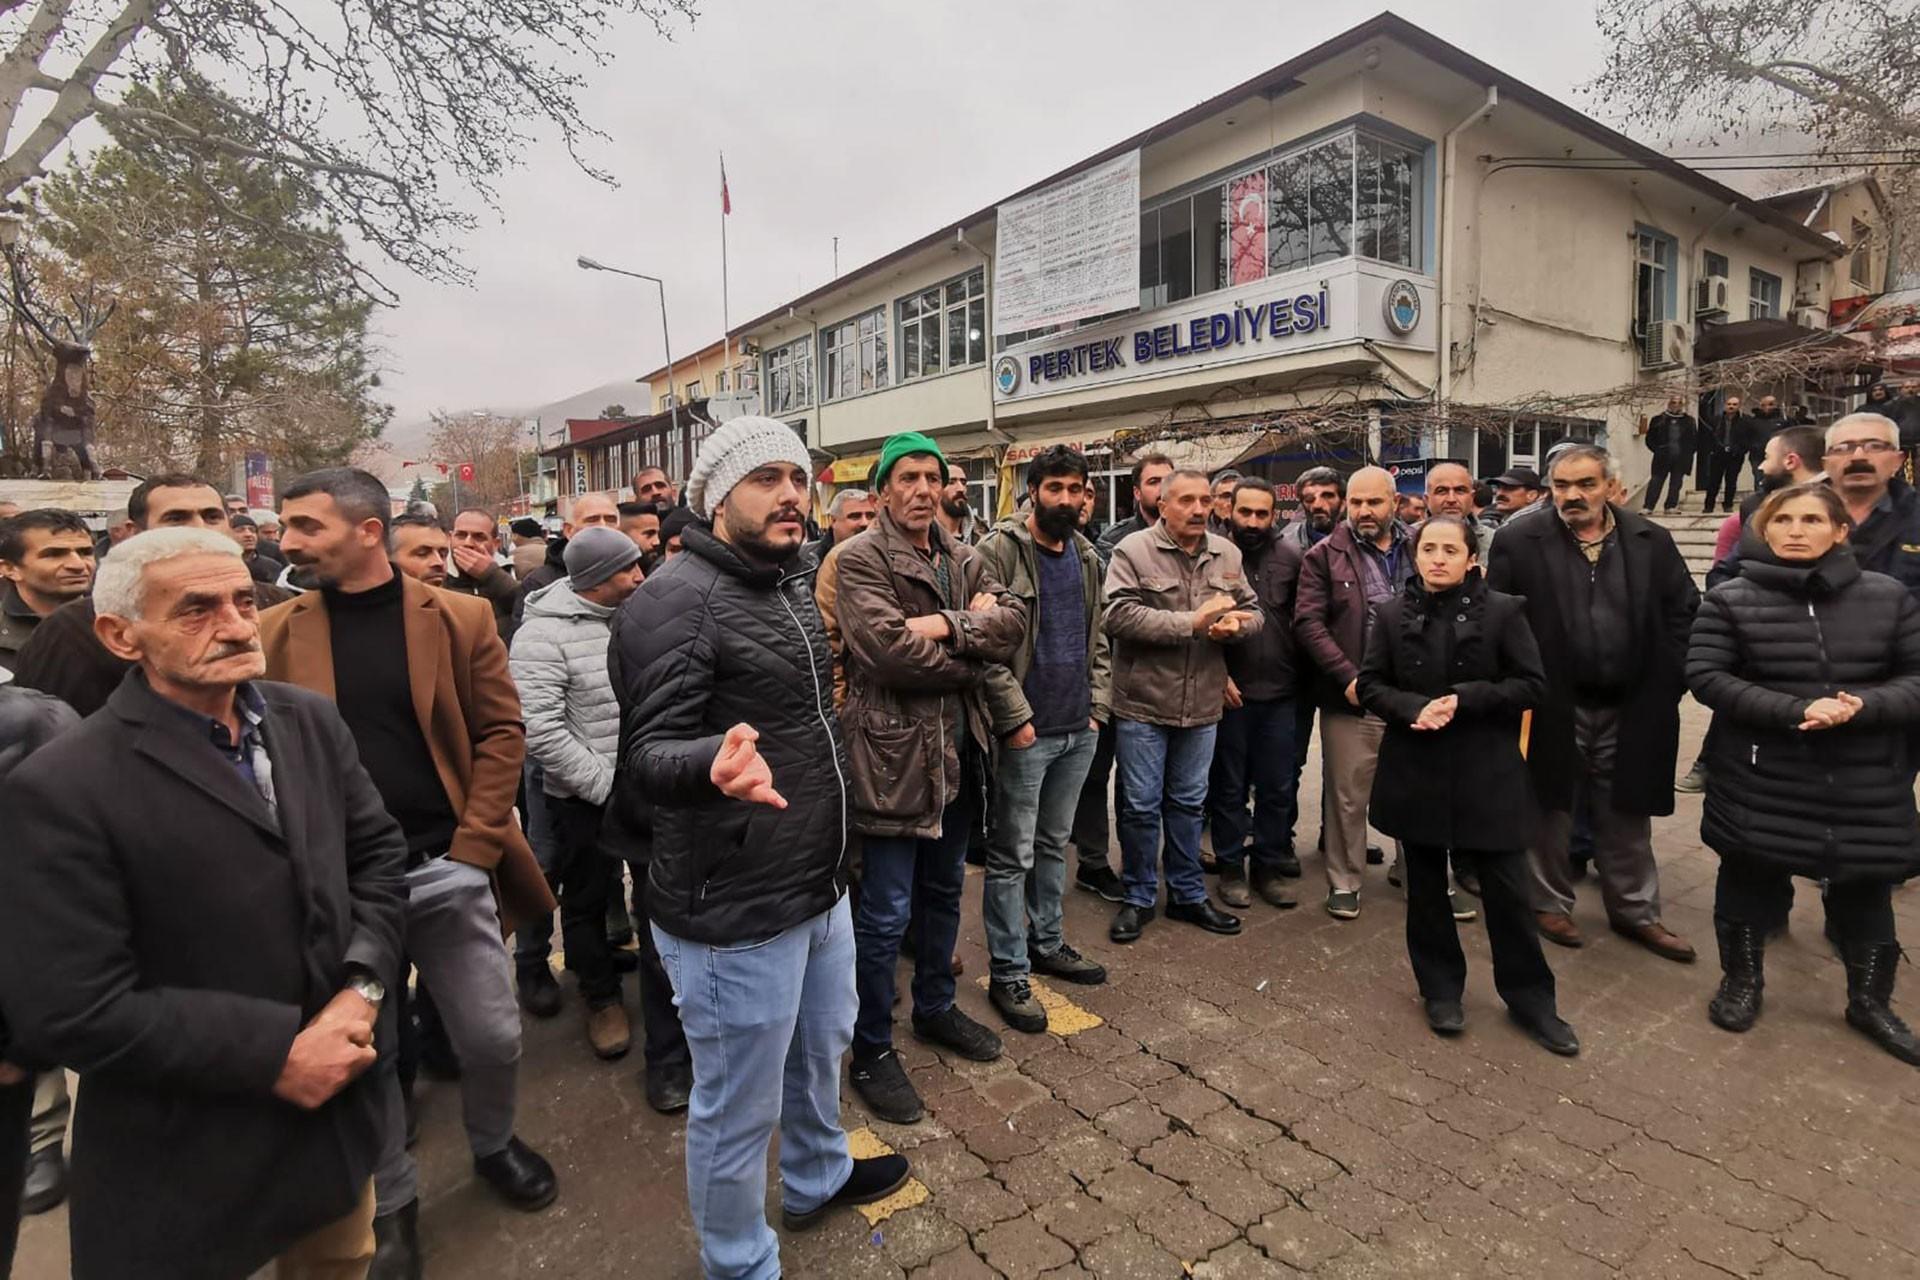 Pertek Belediyesi önünde işe alım protestosu